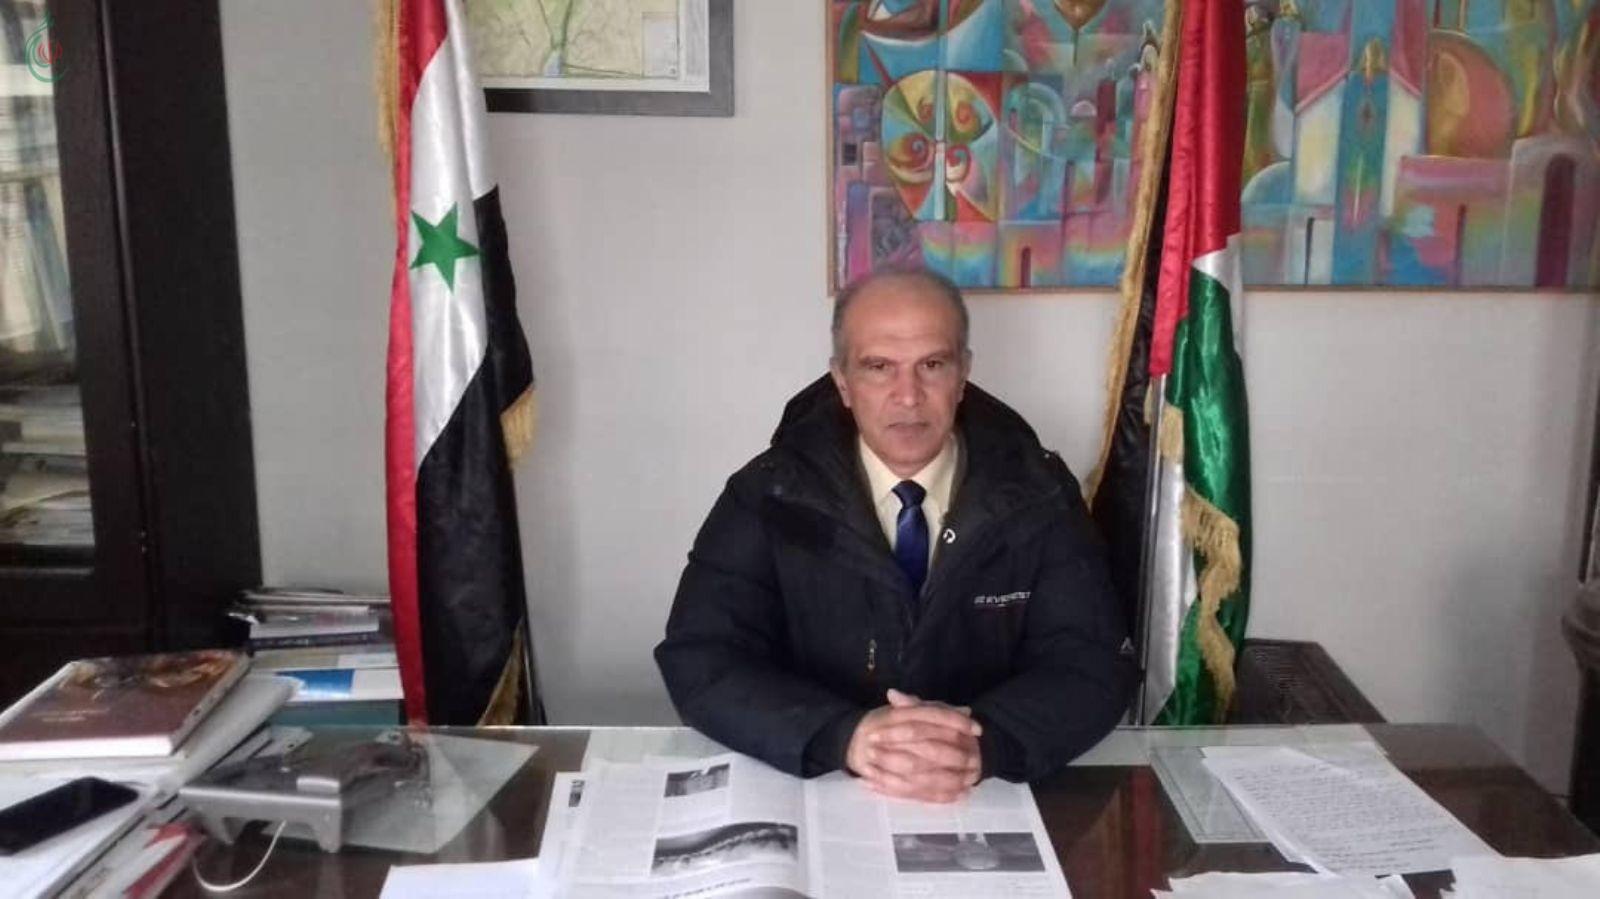 التجمع الديمقراطي الفلسطيني مهمات الوضع الراهن .. بقلم : الدكتور باسم عثمان _كاتب فلسطيني